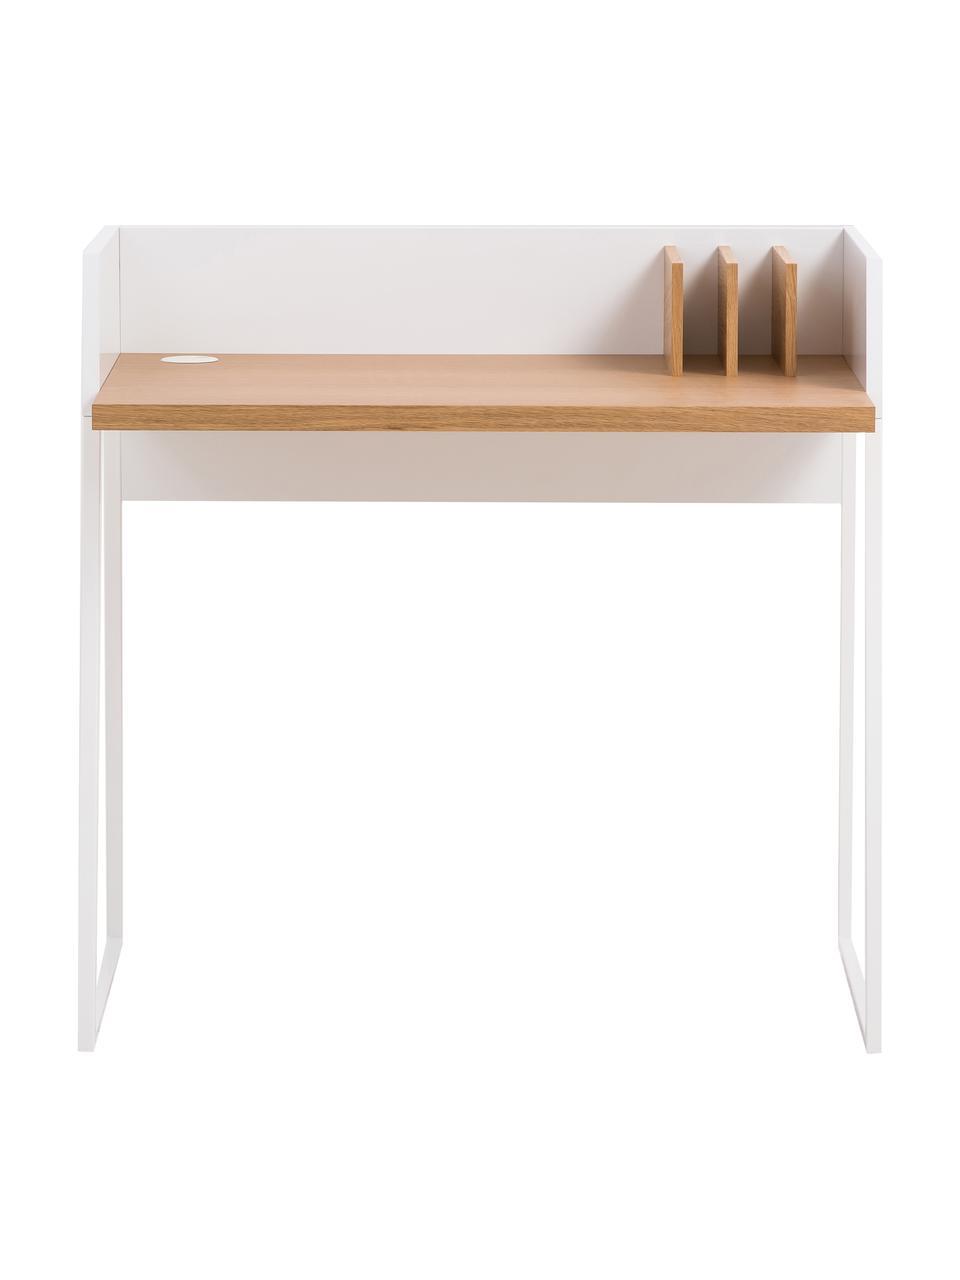 Kleiner Schreibtisch Camille mit Ablage, Beine: Metall, lackiert, Eichenholz, Weiß, B 90 x T 60 cm